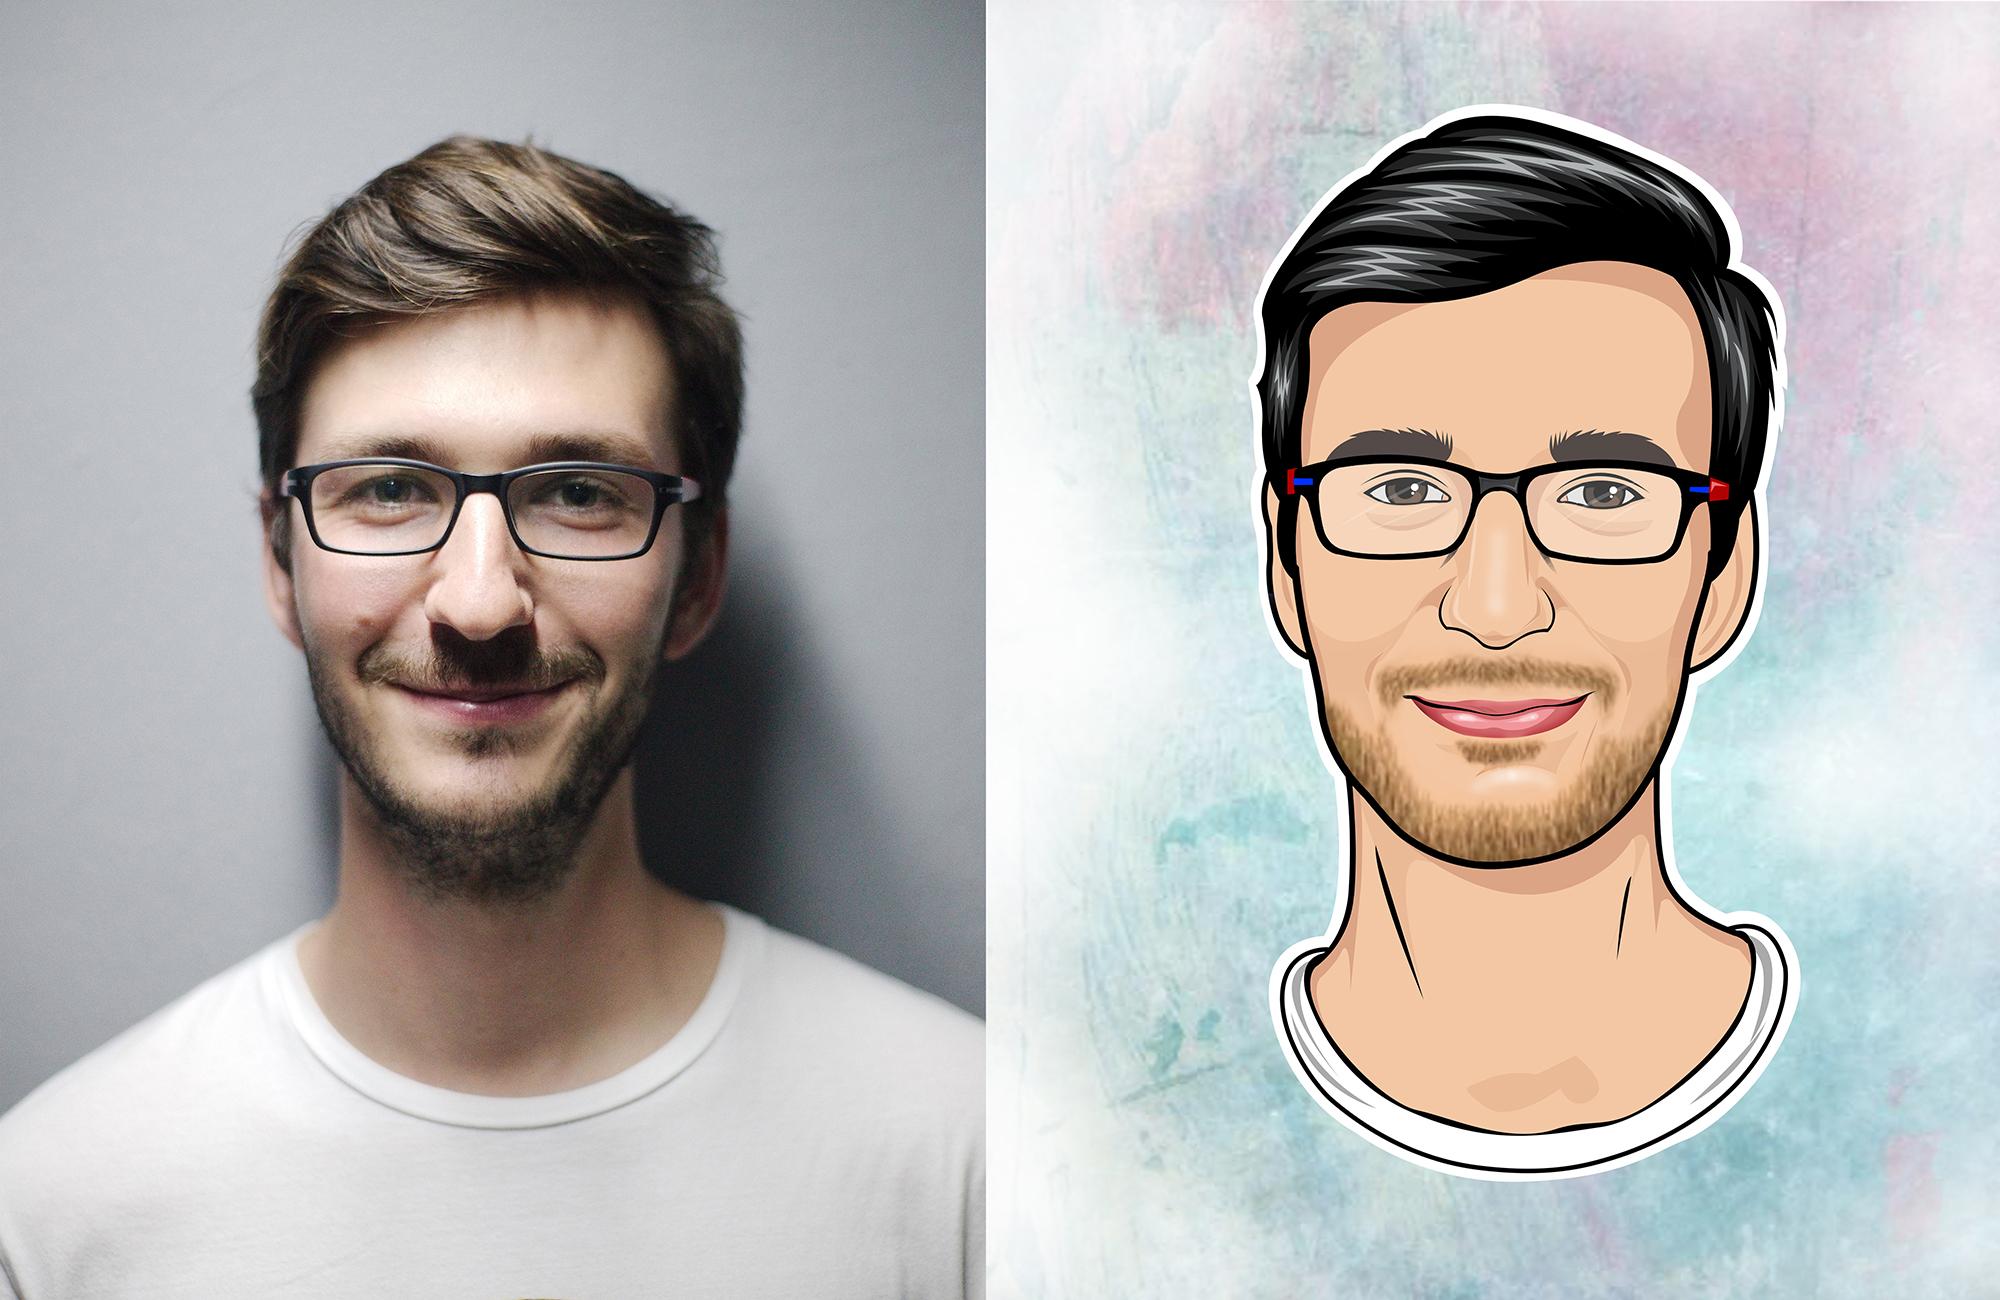 Draw Your Amazing Cartoon Portrait